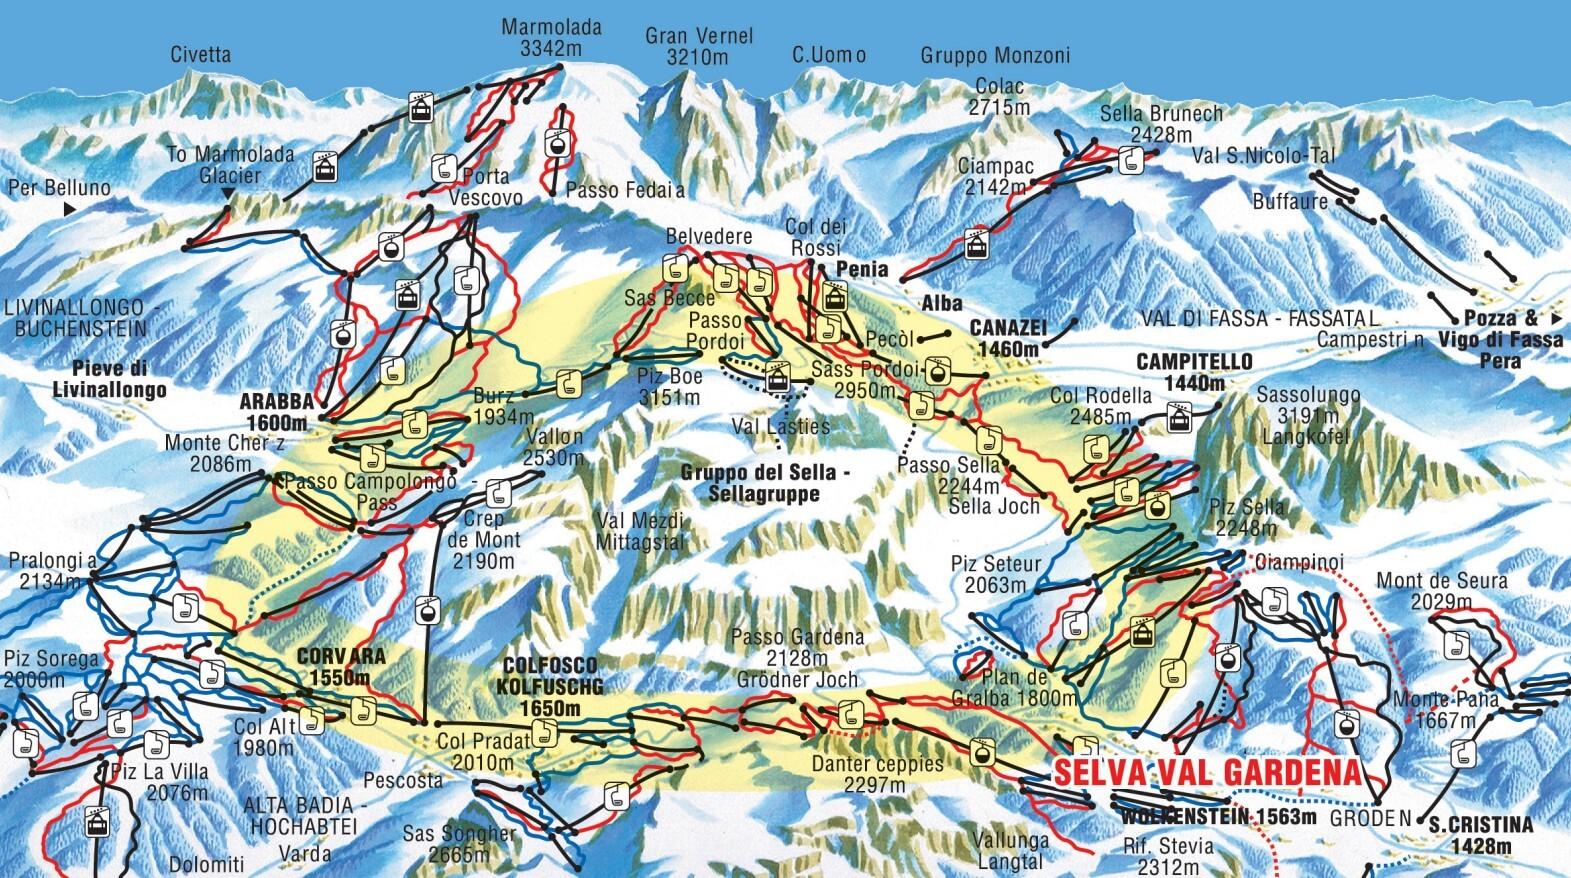 Кликните по изображению, чтобы увидеть полную версию карты трасс в Corvara.  Browse the ski and snowboard runs on the...